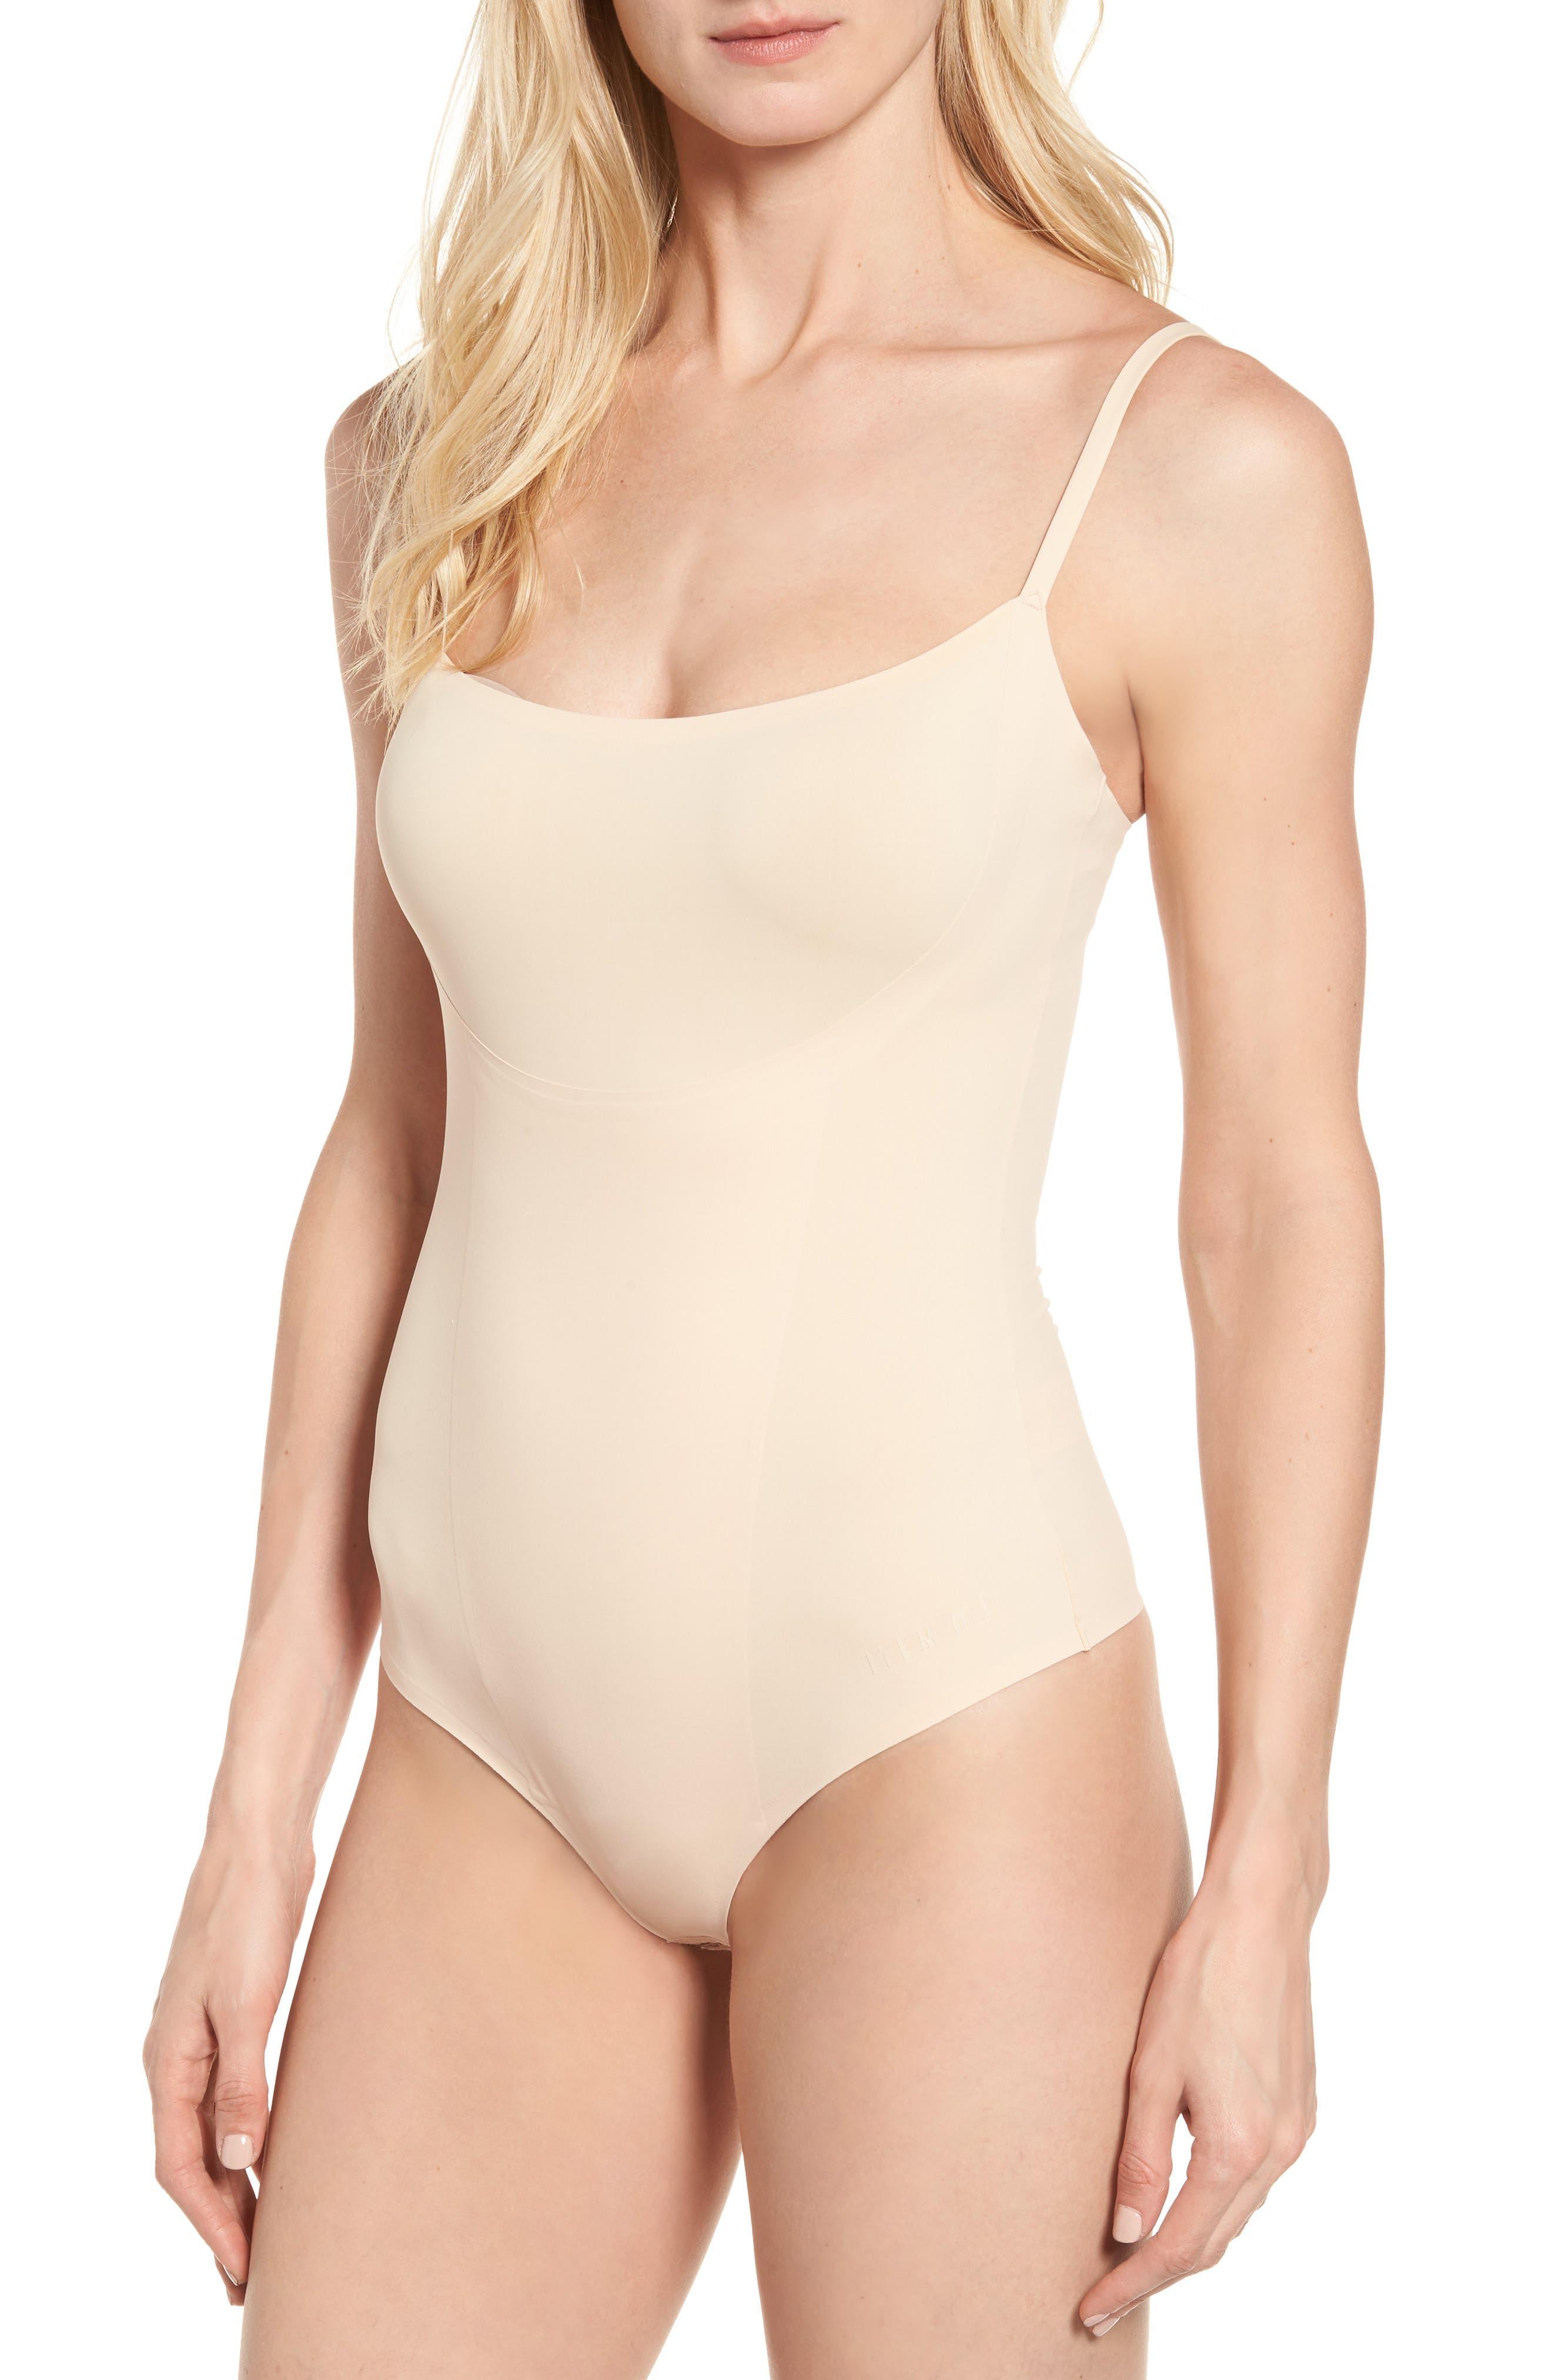 ITEM m6 Shaping Thong Bodysuit